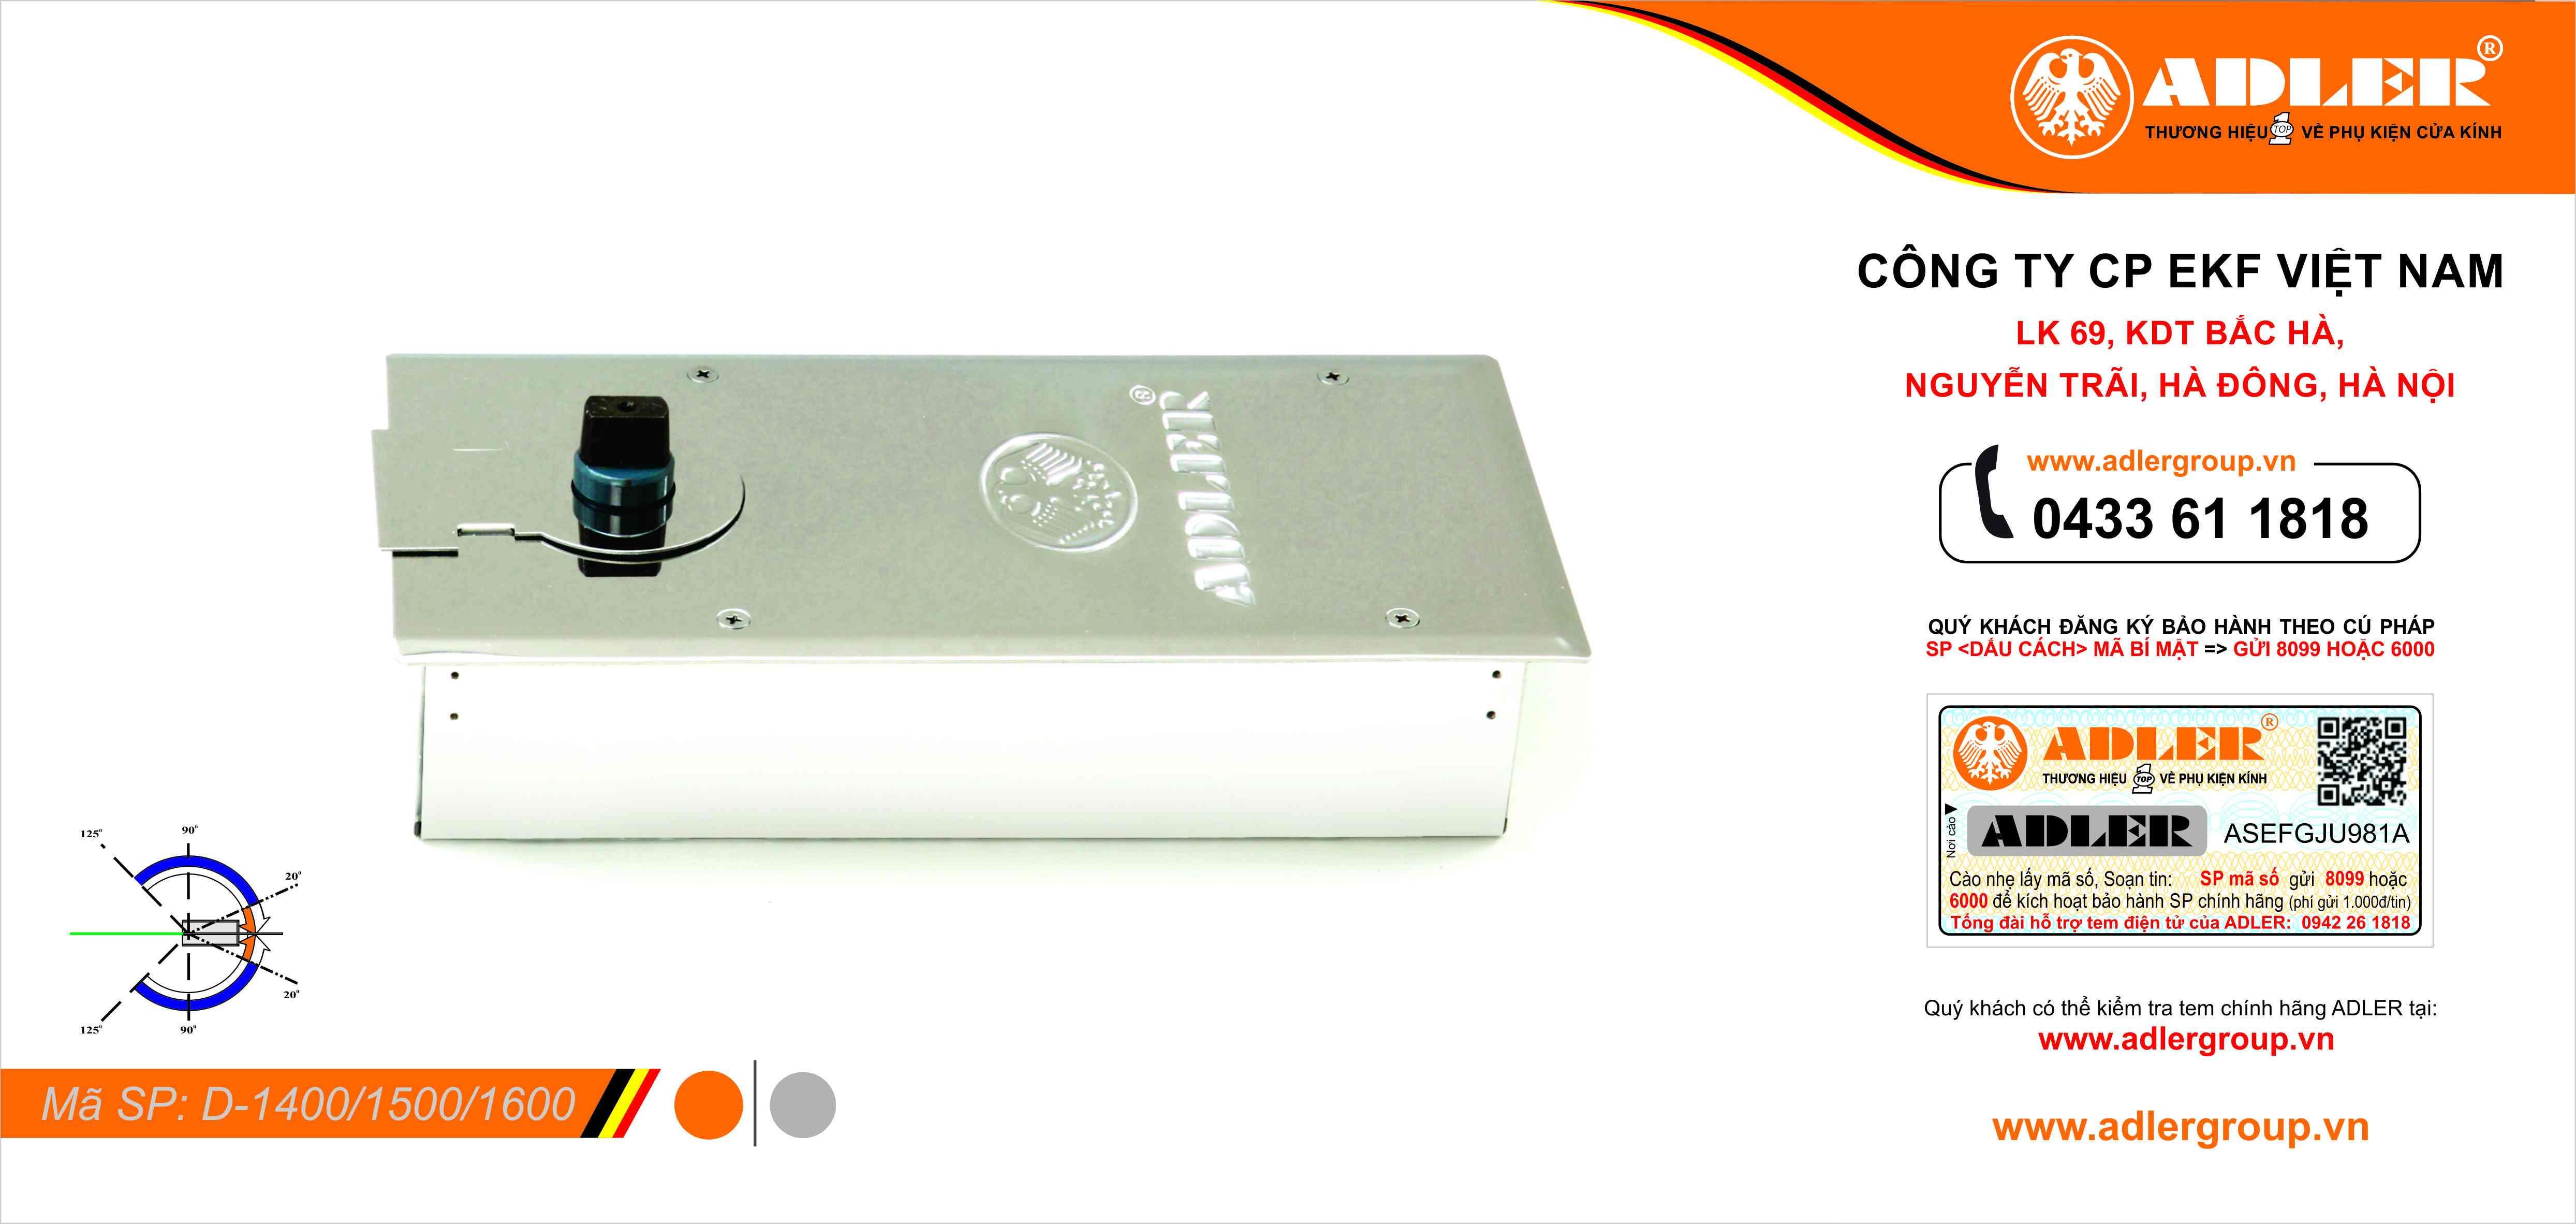 Sản phẩm Seri D : D1400 - D1500 - D1600